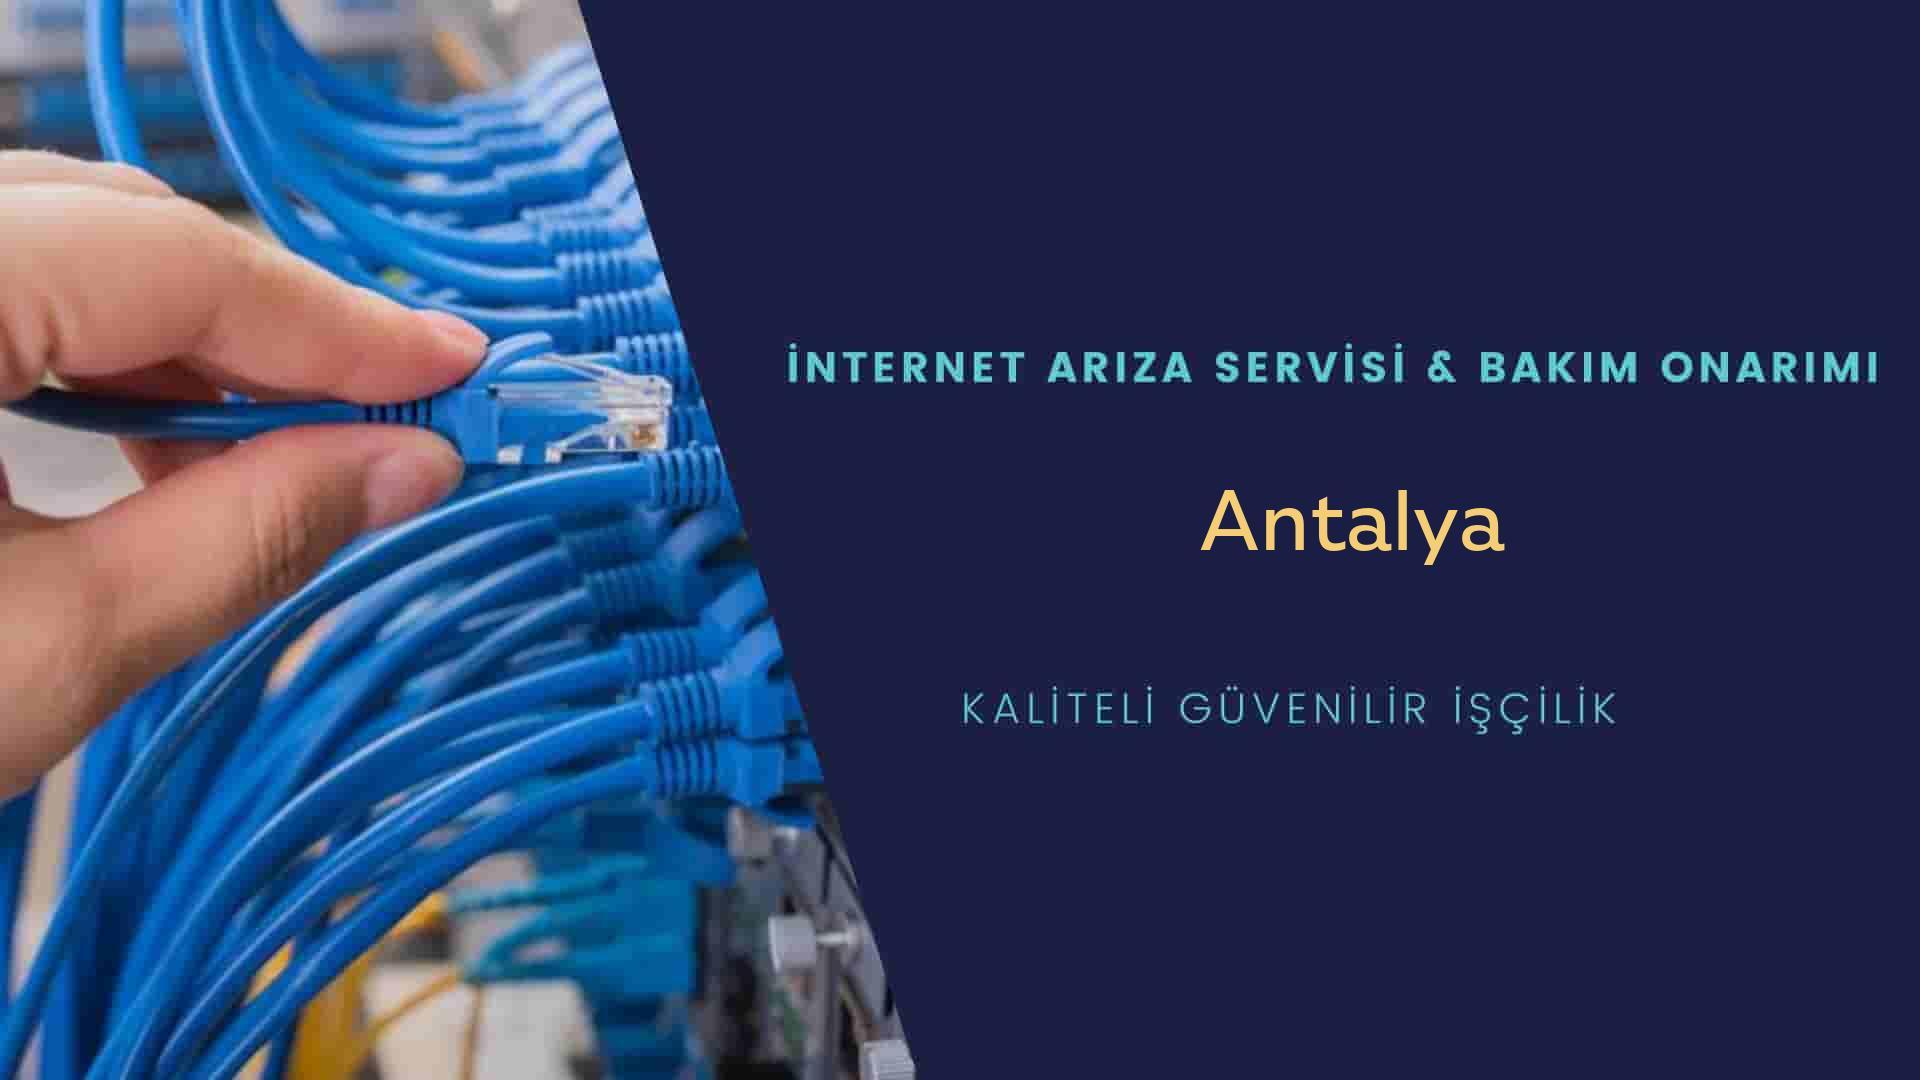 Antalya internet kablosu çekimi yapan yerler veya elektrikçiler mi? arıyorsunuz doğru yerdesiniz o zaman sizlere 7/24 yardımcı olacak profesyonel ustalarımız bir telefon kadar yakındır size.